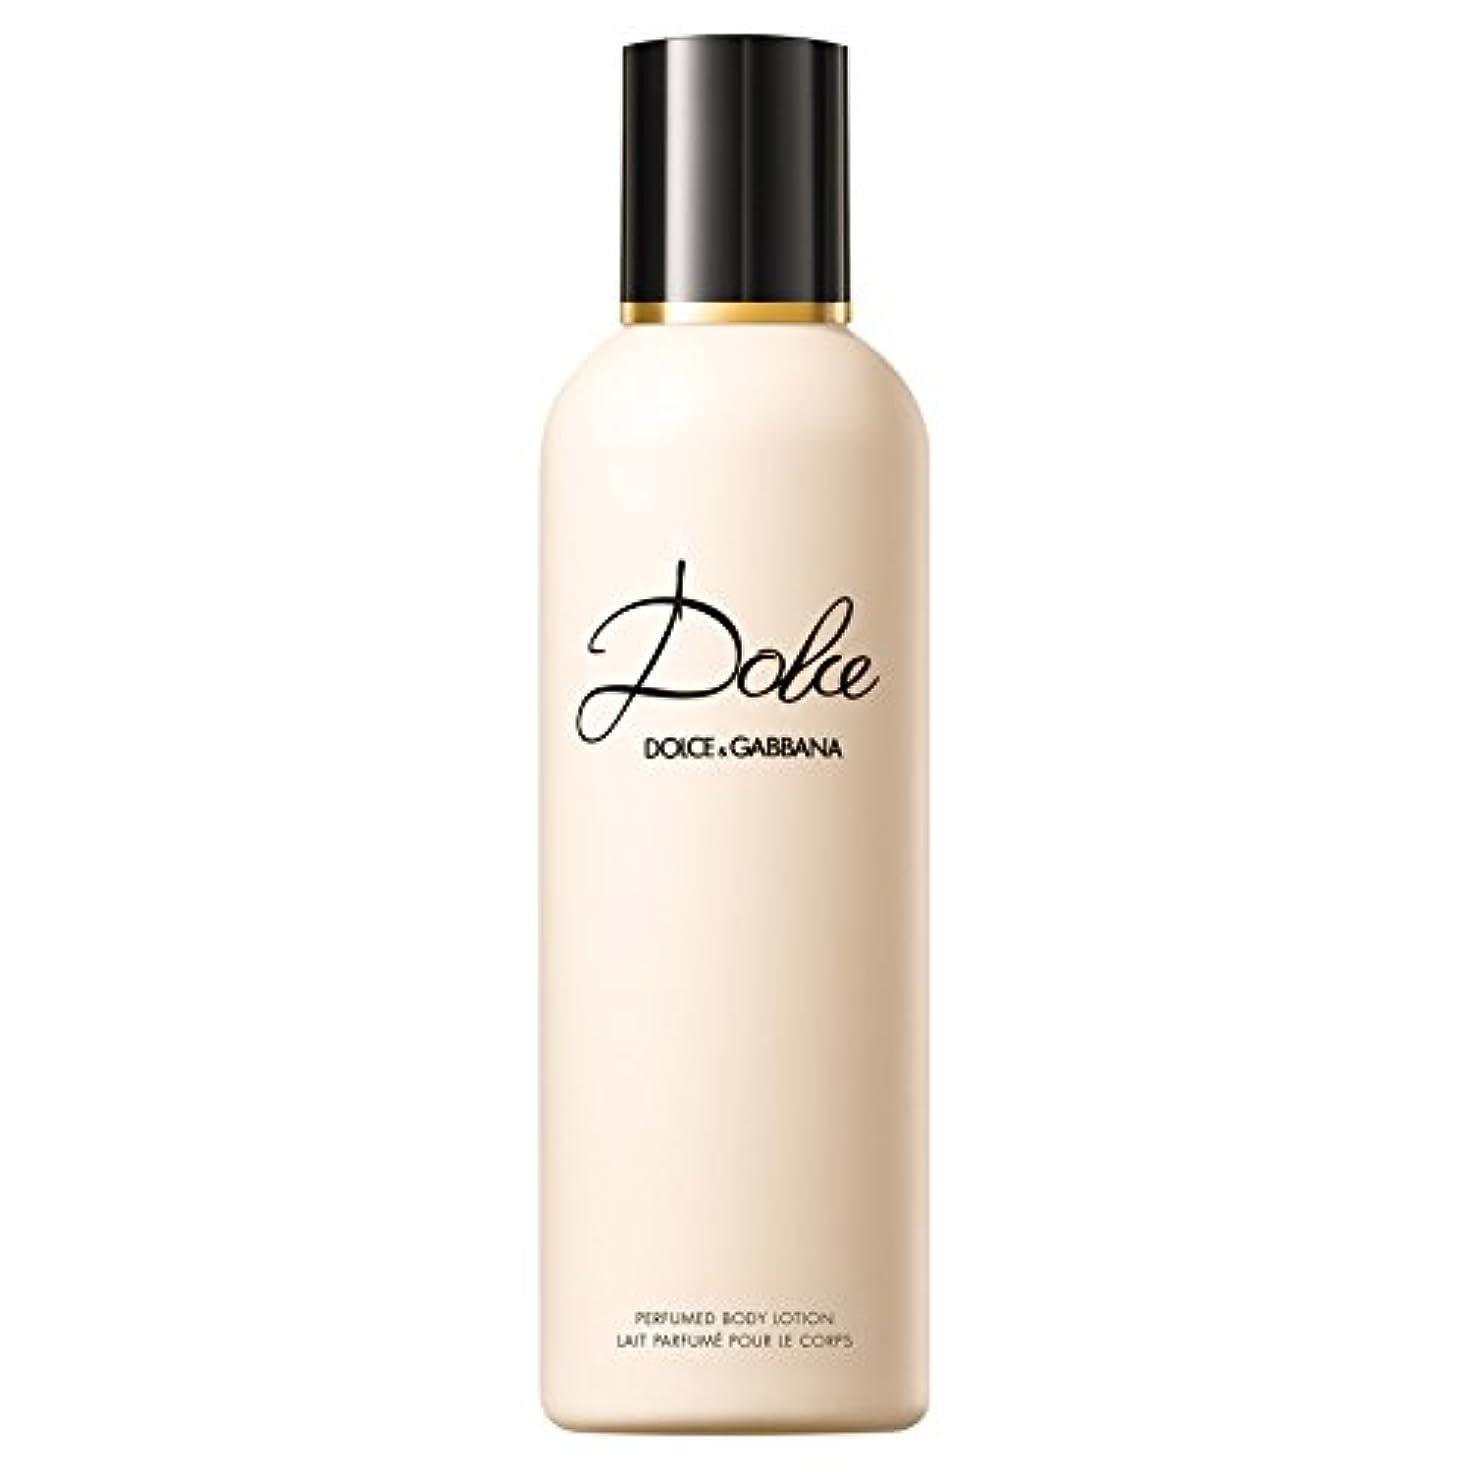 論争の的組み合わせるウッズドルチェ&ガッバーナドルチェのボディローション200ミリリットル (Dolce & Gabbana) (x6) - Dolce & Gabbana Dolce Body Lotion 200ml (Pack of 6)...